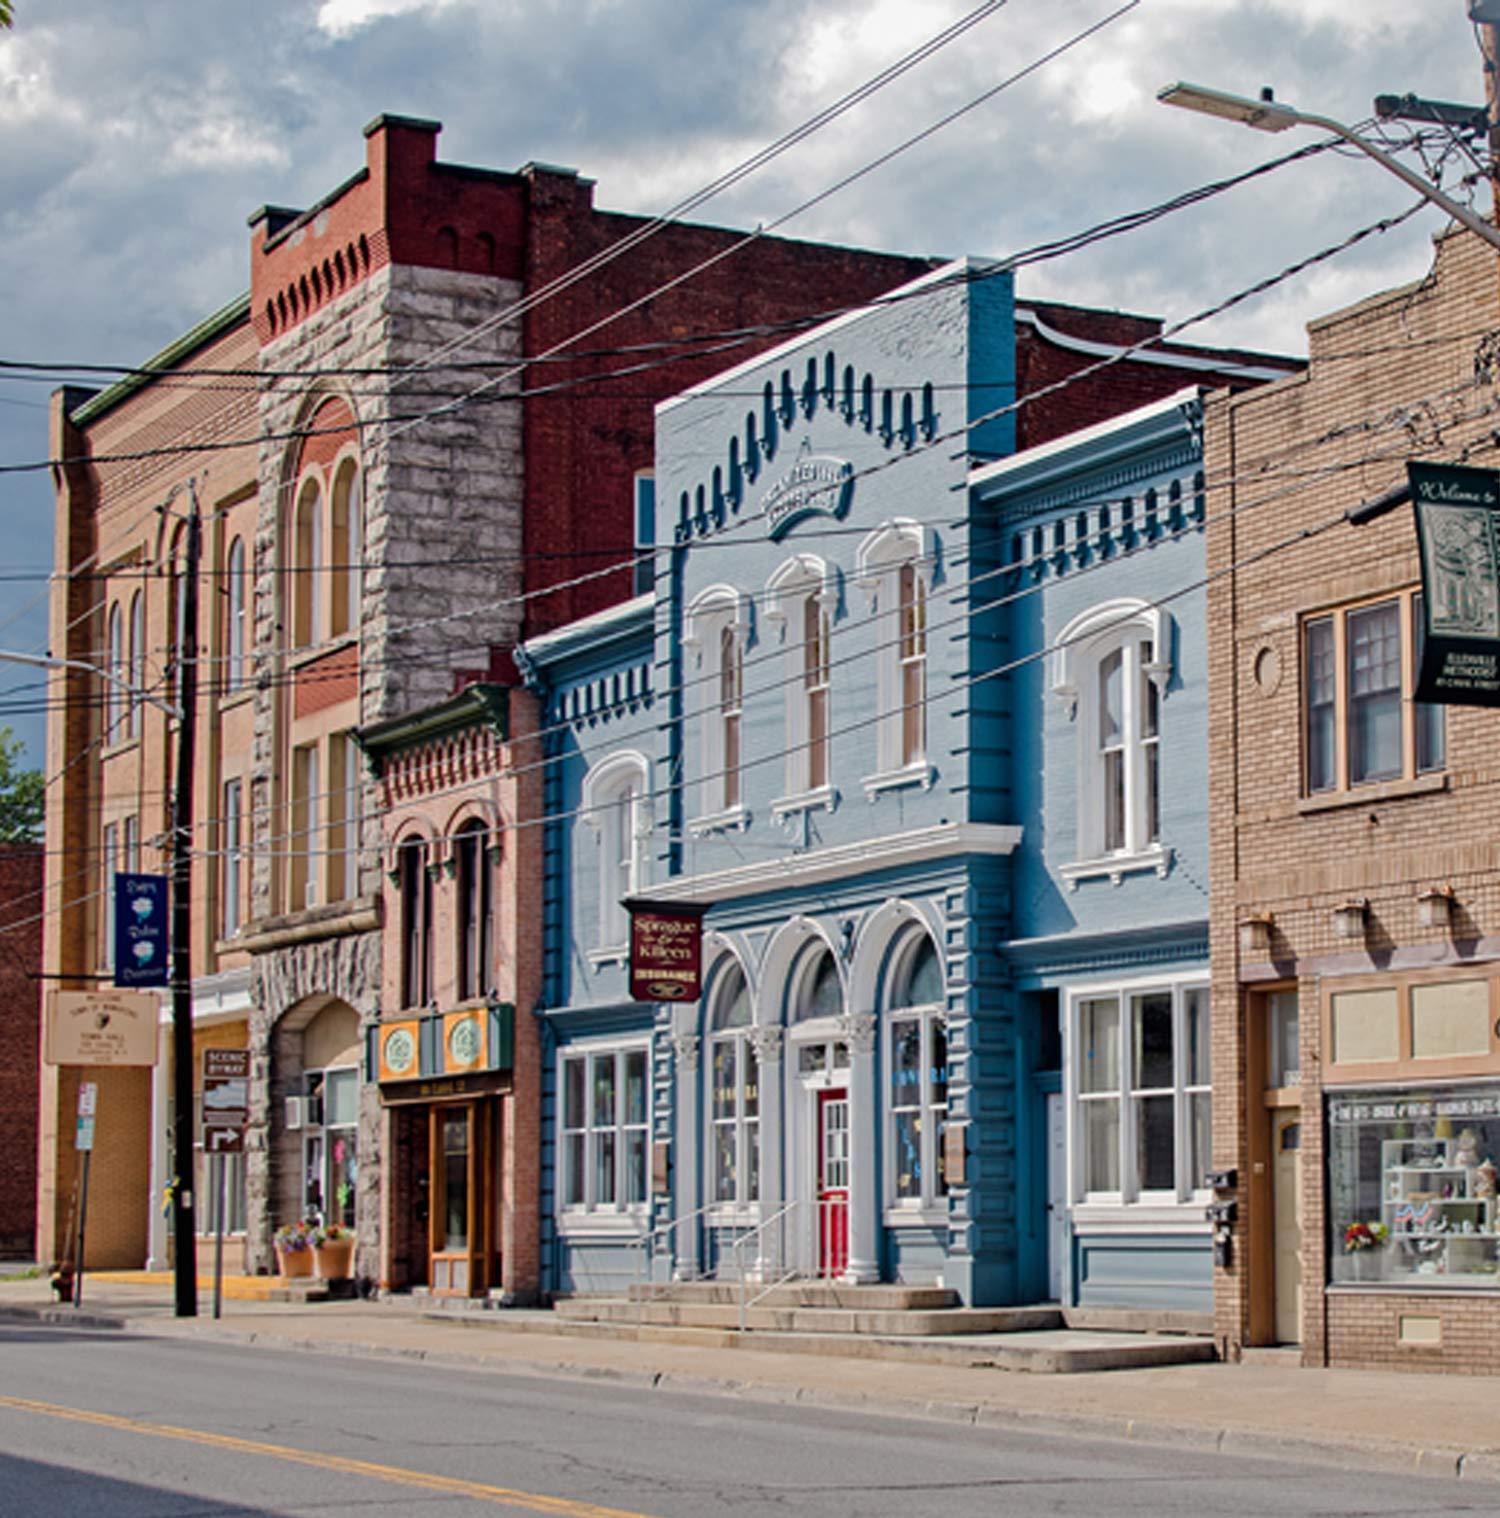 Buildings in a street in Ellenville